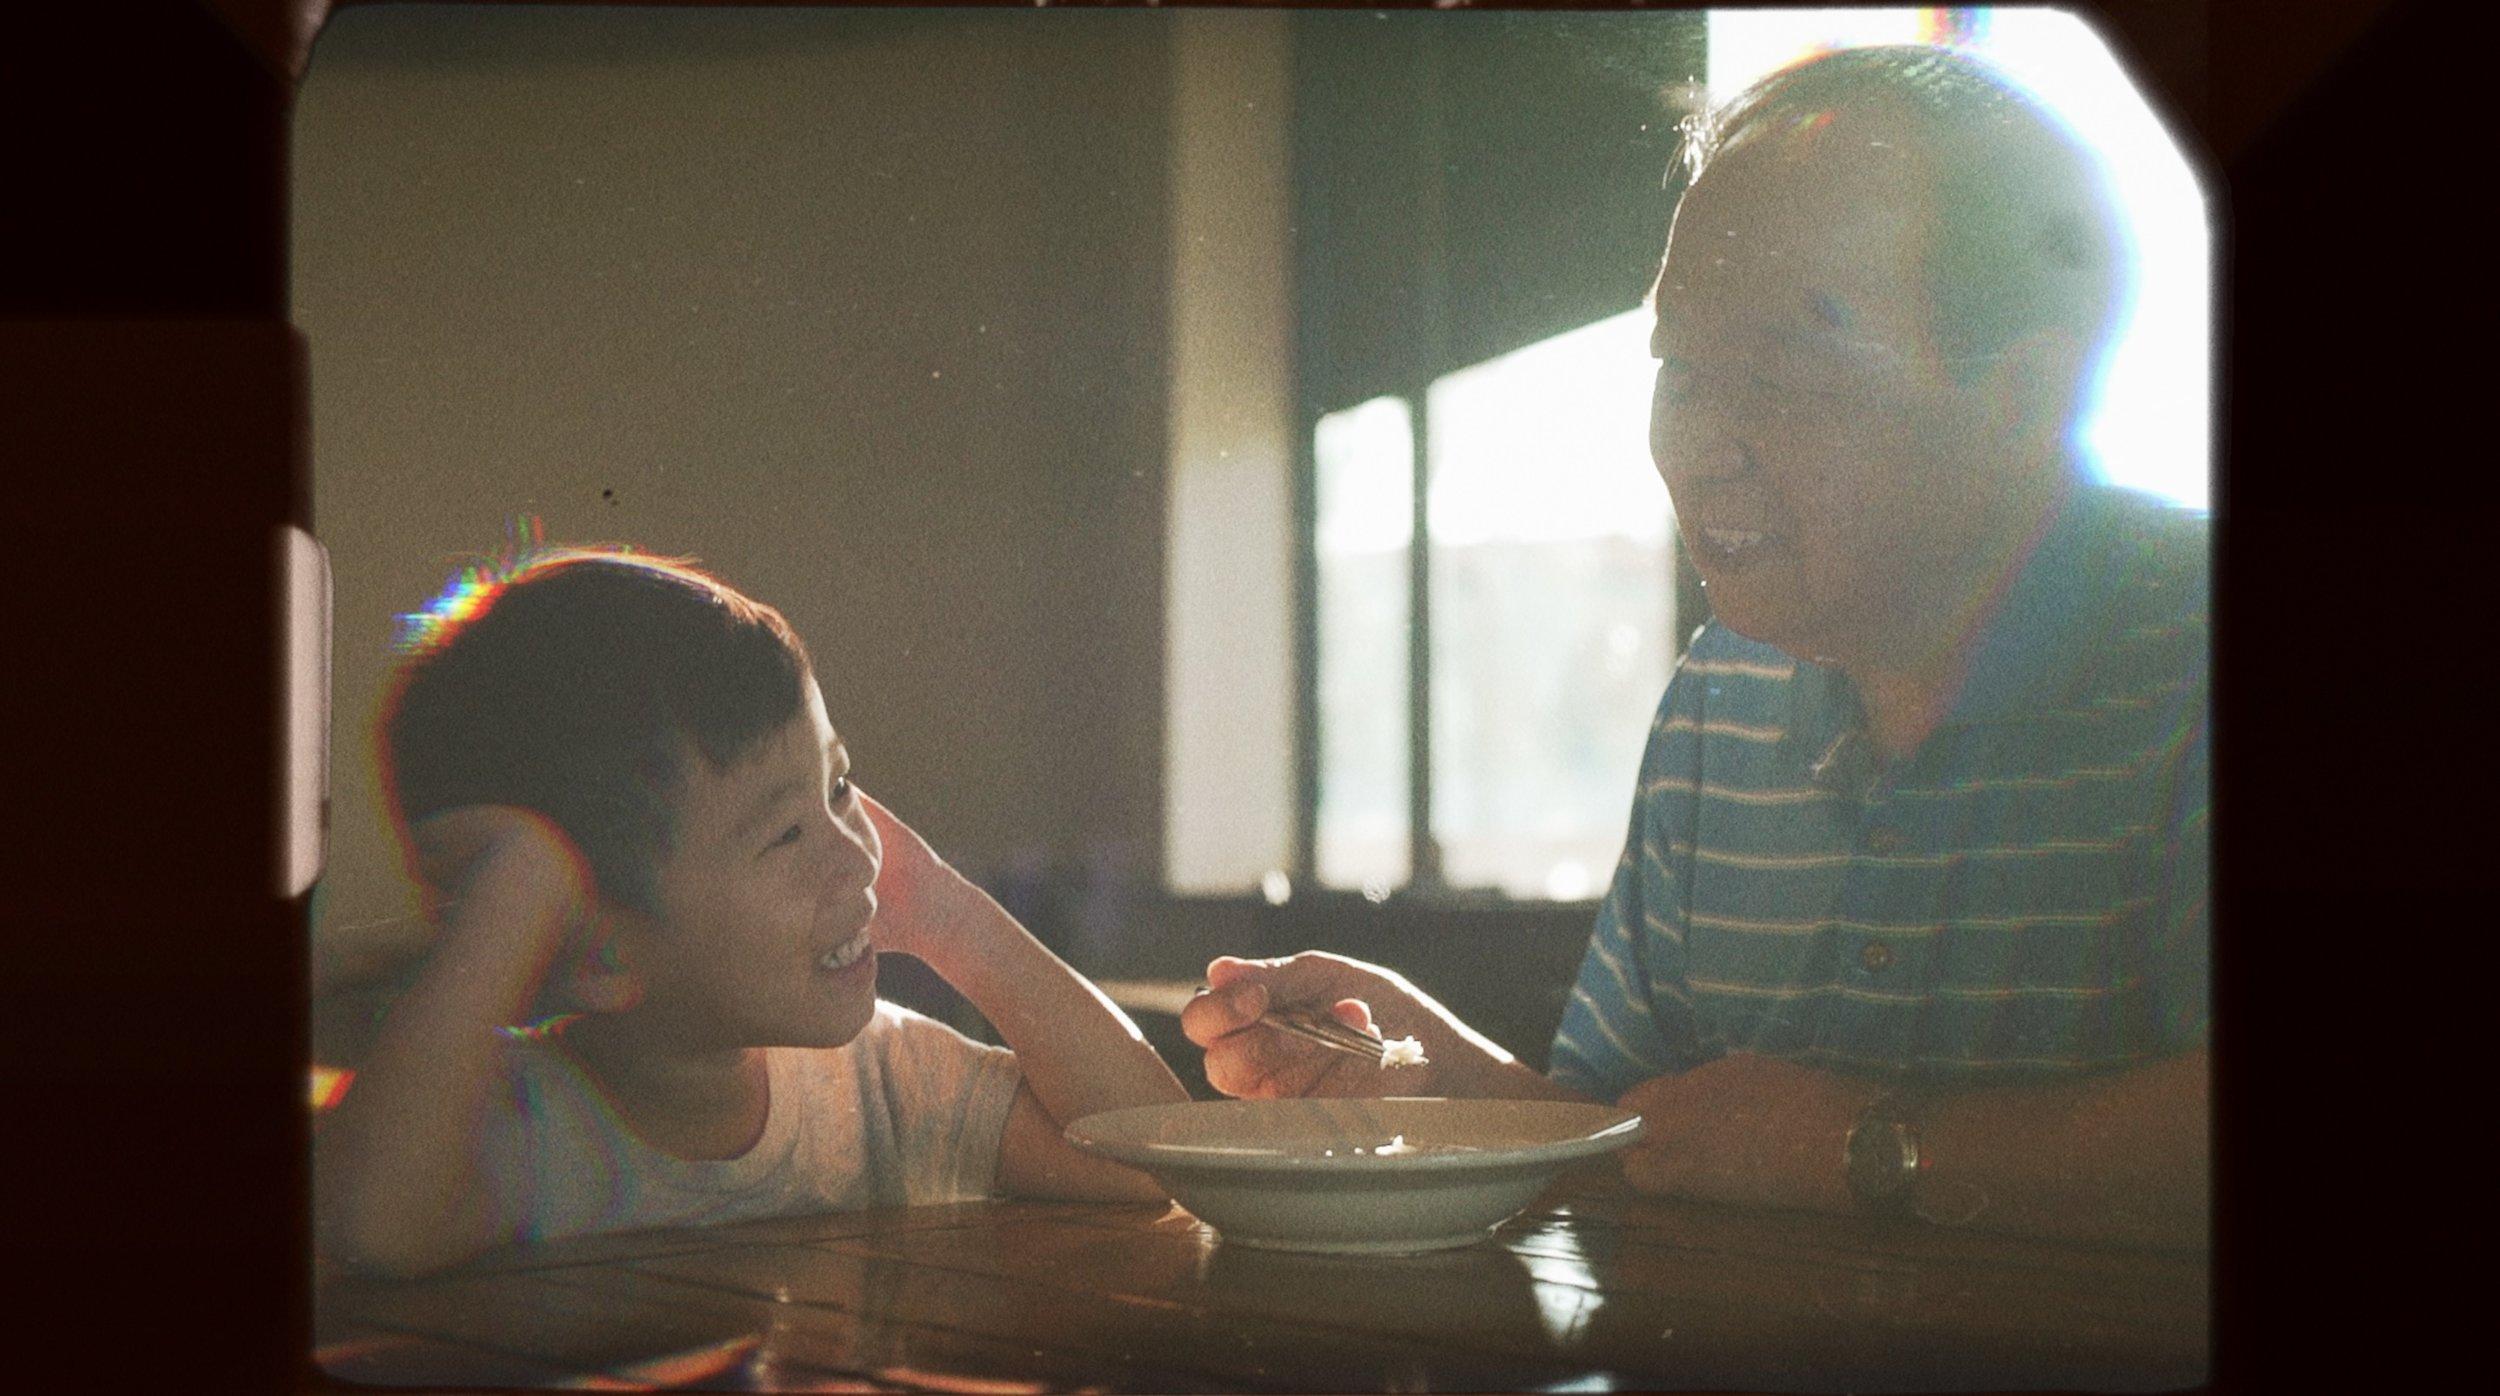 Mooncake_Short Film_Andrew Gooi_Food Talkies_003.jpg